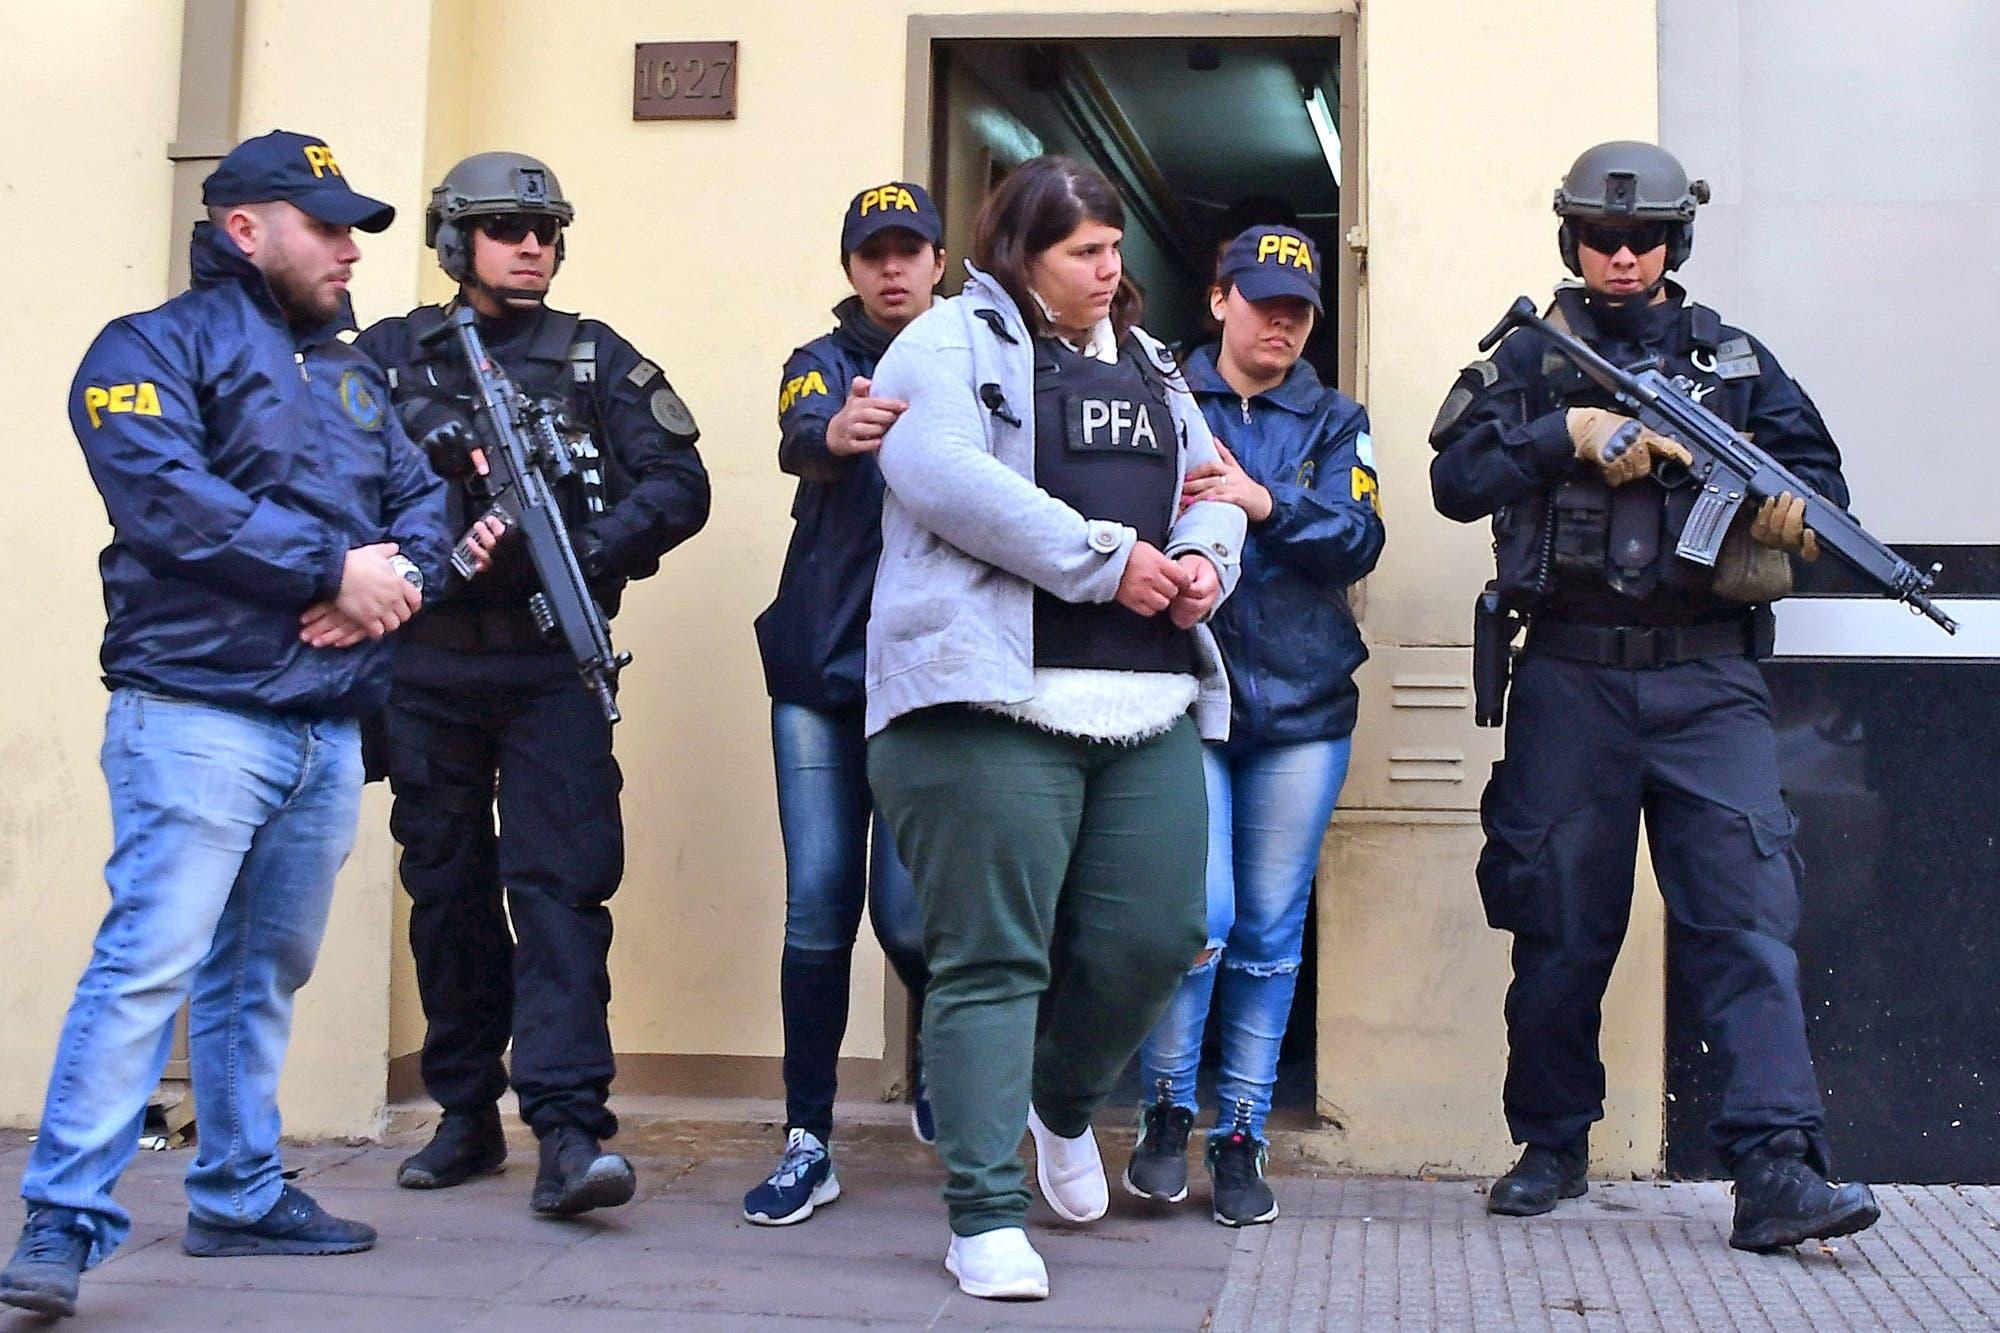 Doble crimen narco: se complica la situación de la abogada Julieta Bonanno